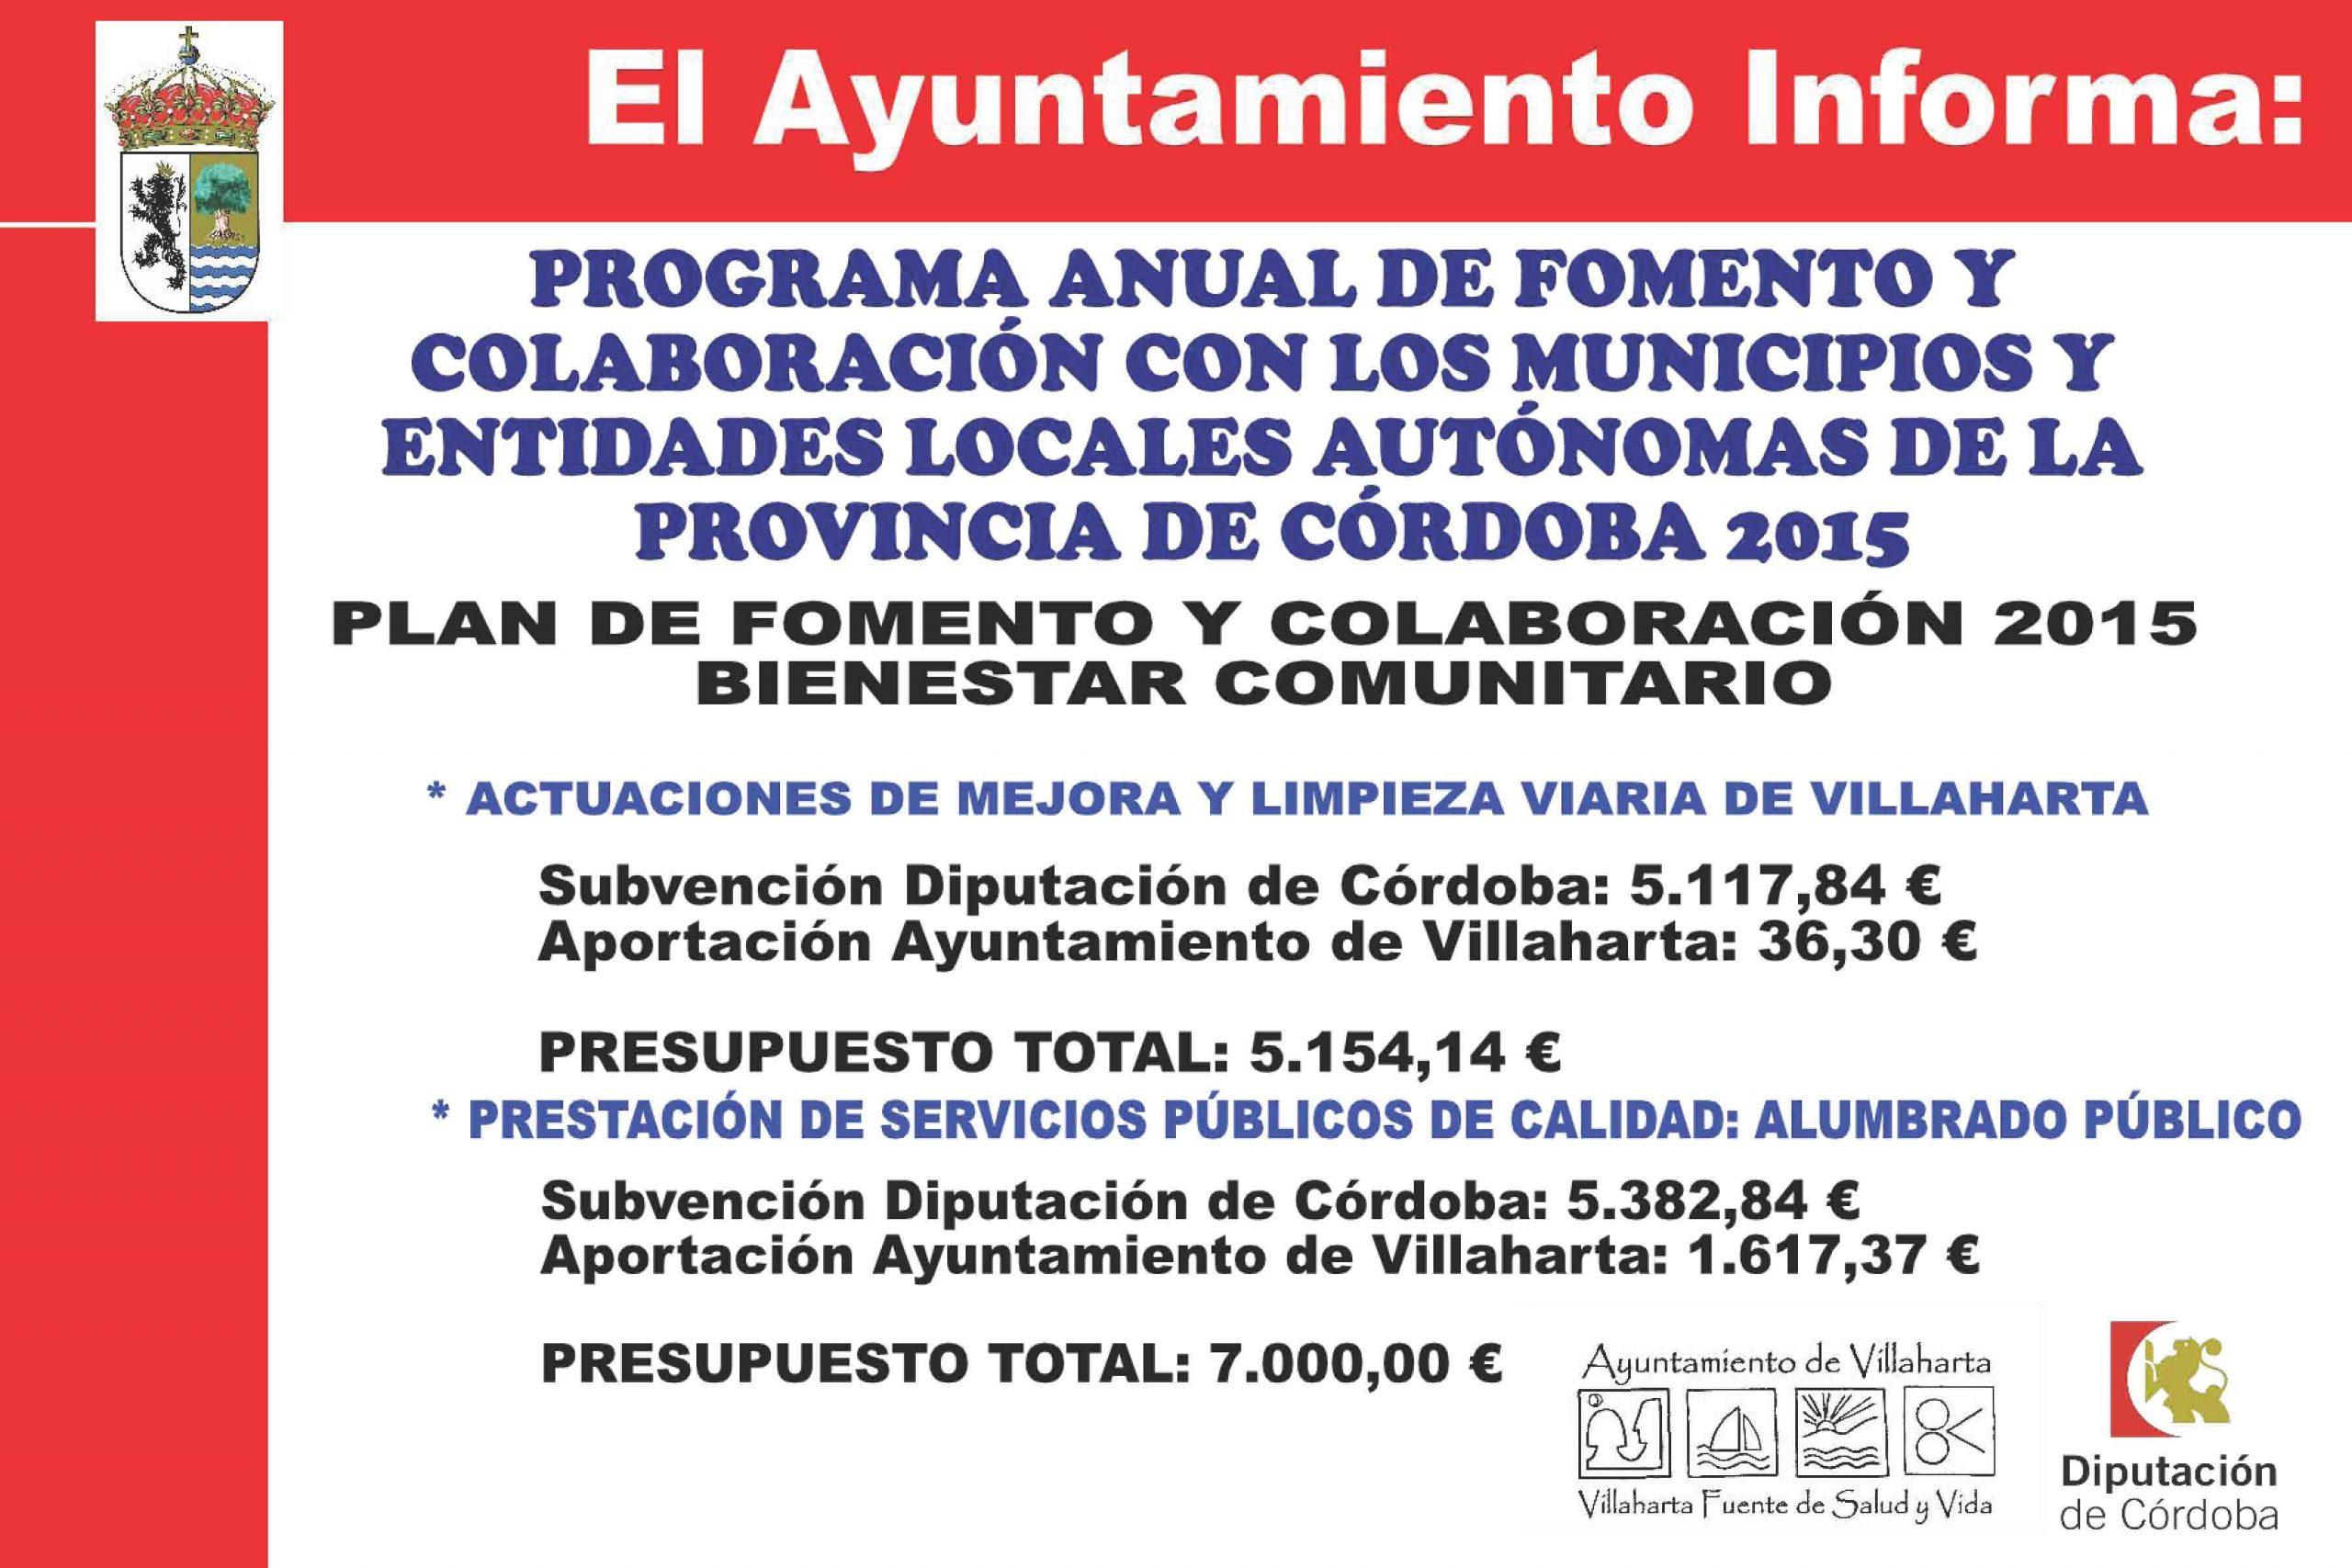 SUBVENCIONES RECIBIDAS. 2015 15